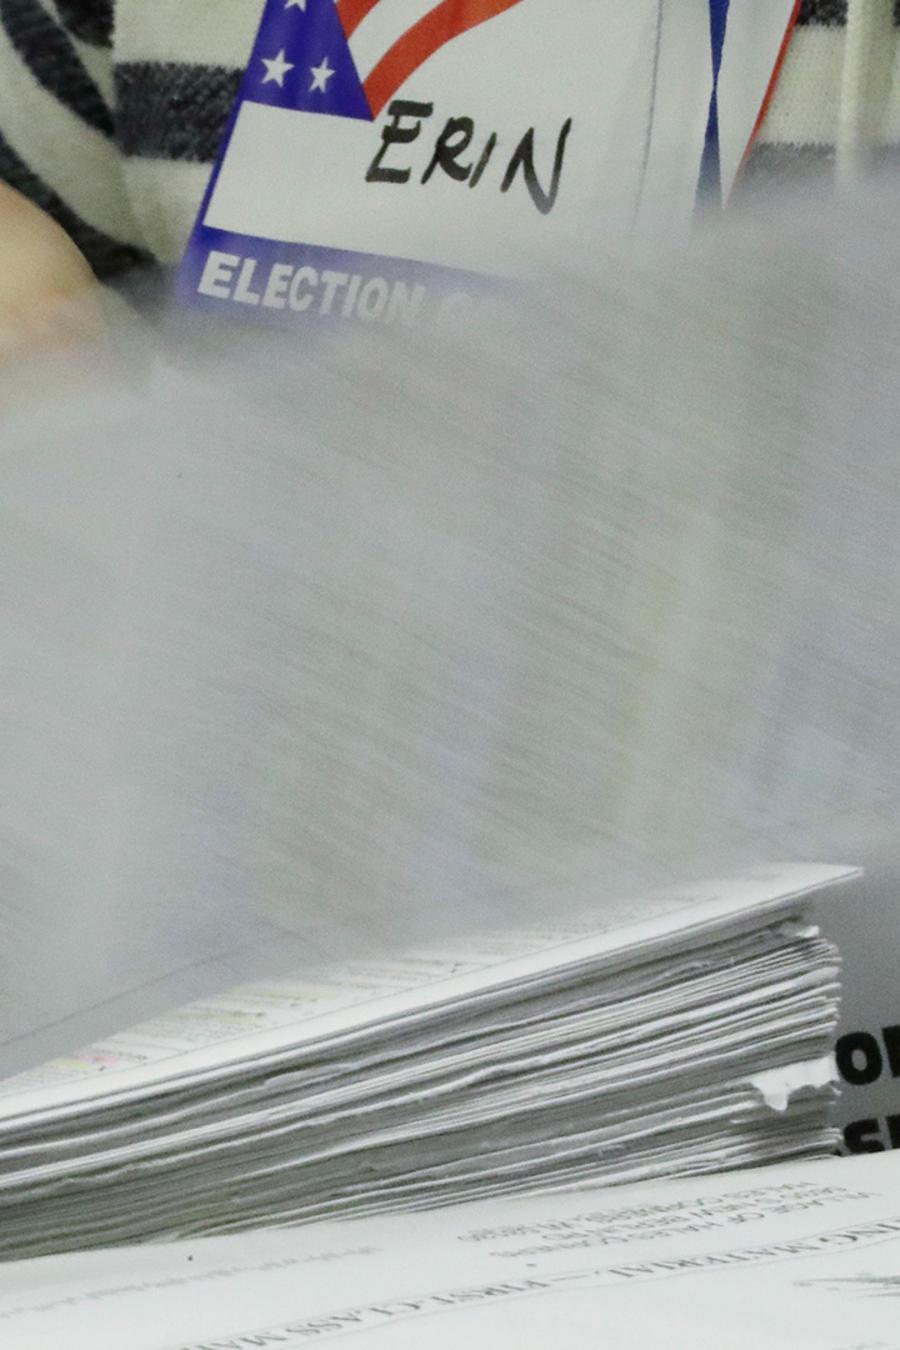 Un grupo de trabajadores electorales inicial el proceso de recuento de votos en Milwaukee el primero de diciembre del 2016.